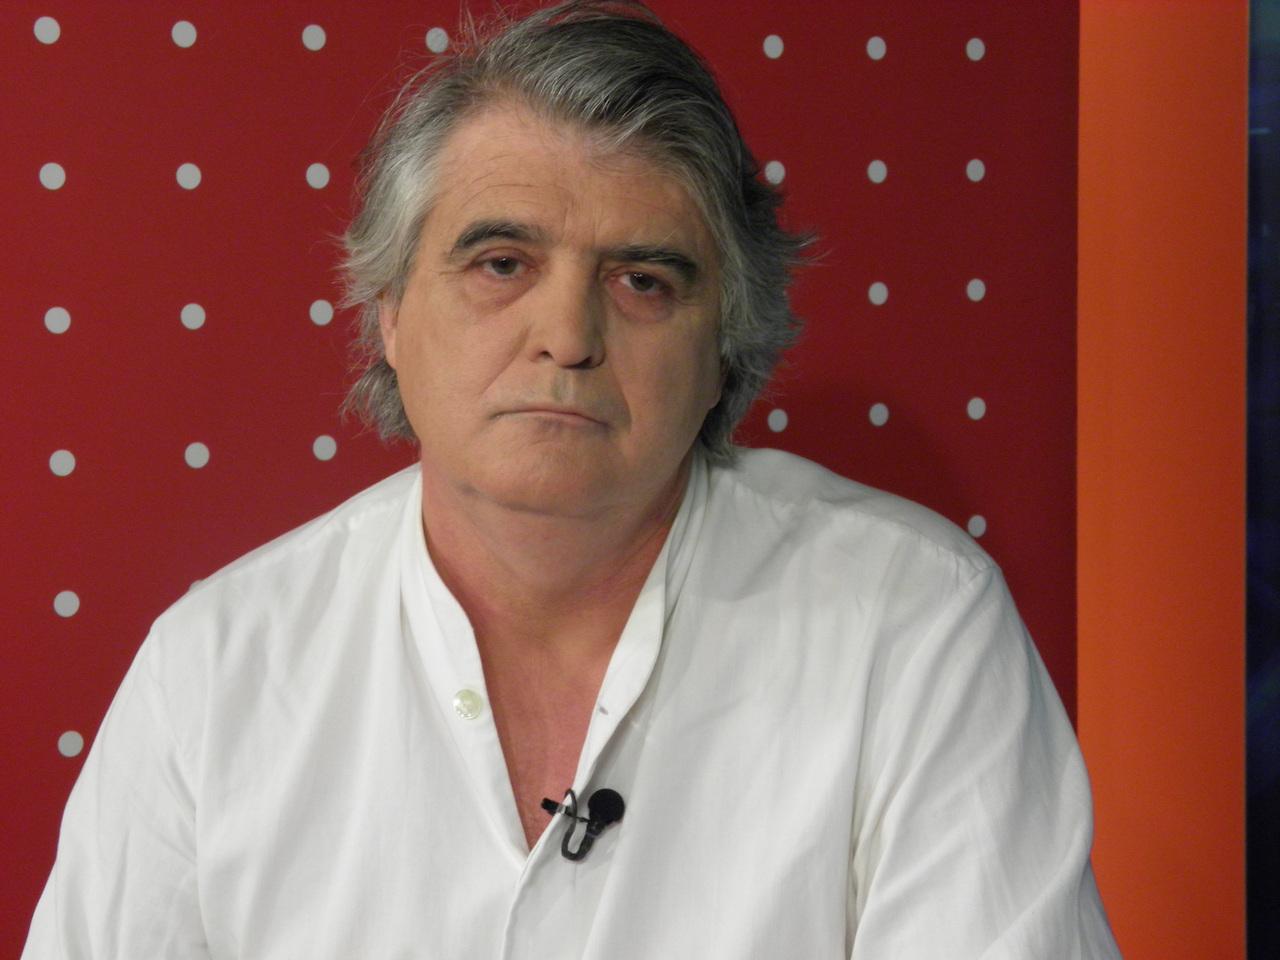 El nuevo barrio de A Choupana lleva la firma del arquitecto ourensano César Coll - FOTO: Correo TV